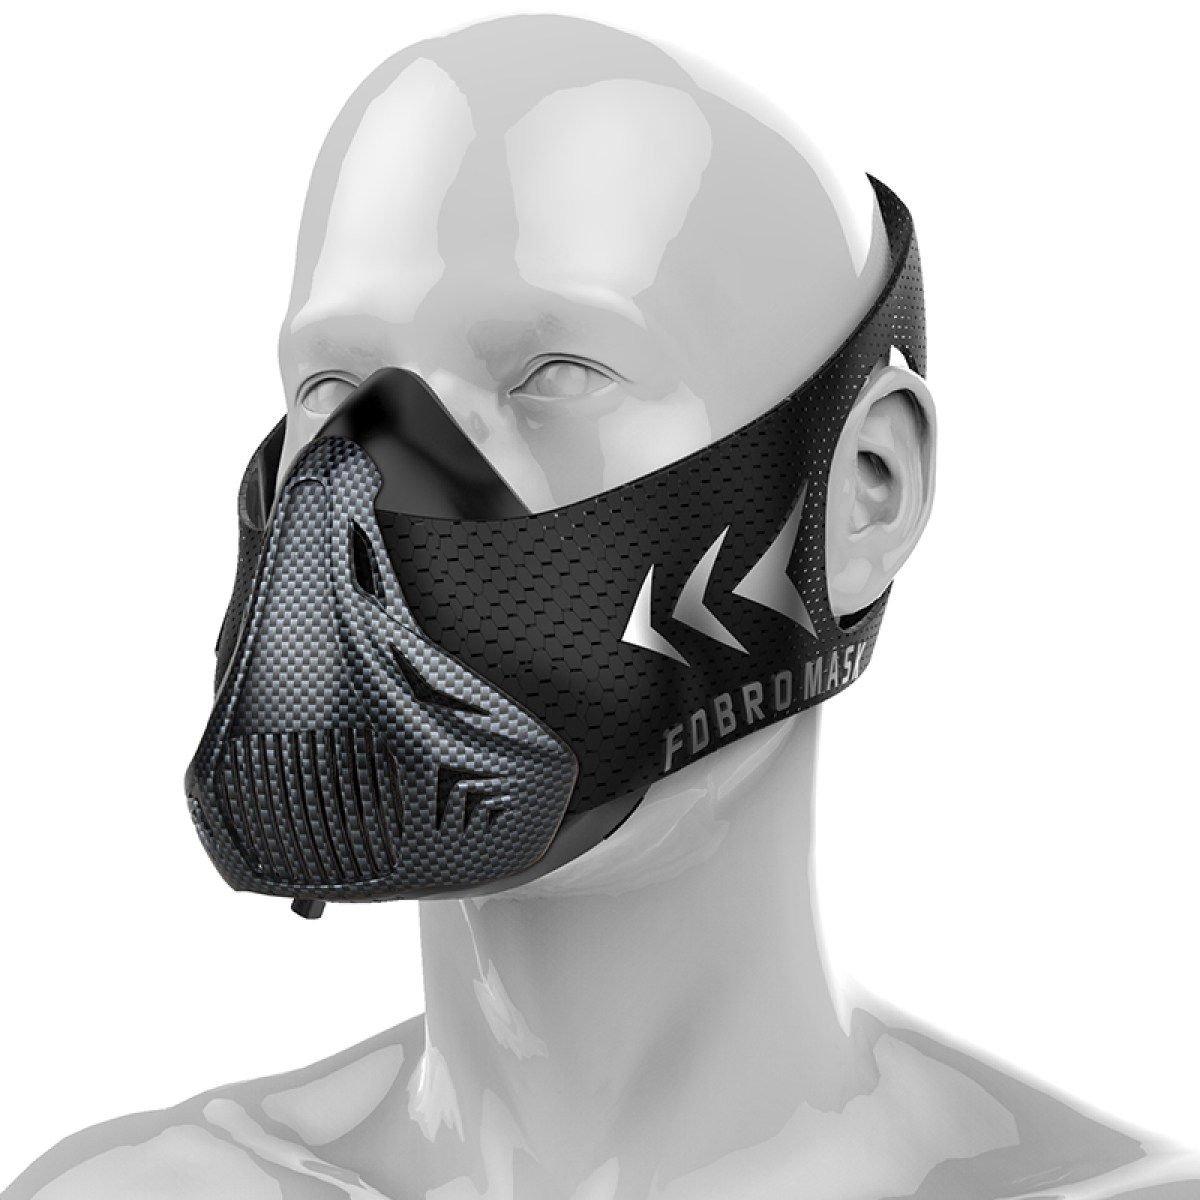 Moxi Máscara De Entrenamiento Simulador De Alta Altitud Entrenamiento De Elevación Deportes Al Aire Libre Aptitud Entrenamiento Físico Correr Máscaras,B-M: ...